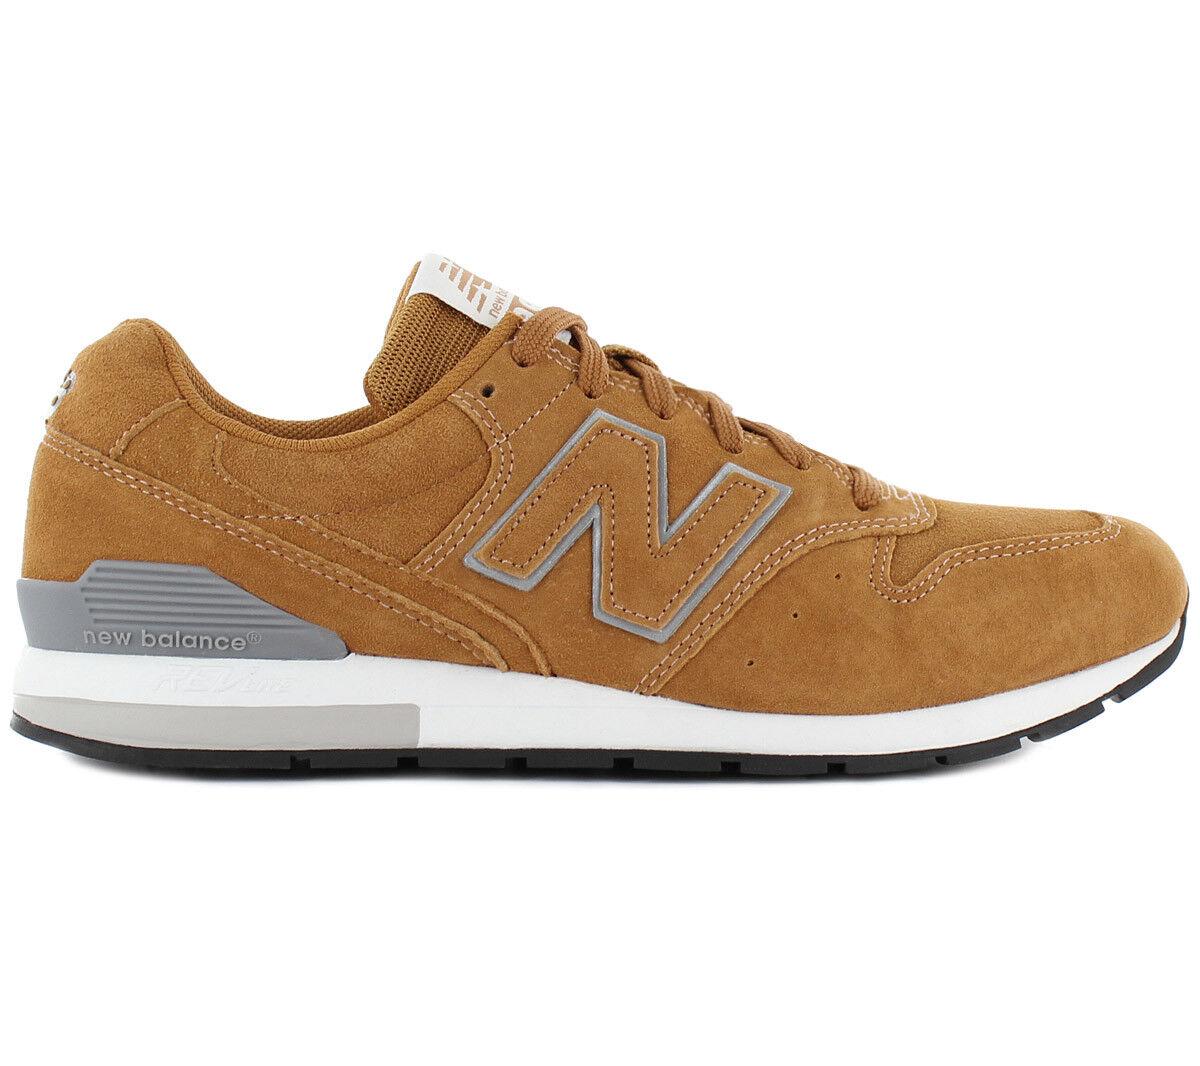 Nuovo stile di bilanciamento 996 Revlite  scarpe da ginnastica Leather Marronee MRL96SD  100% nuovo di zecca con qualità originale